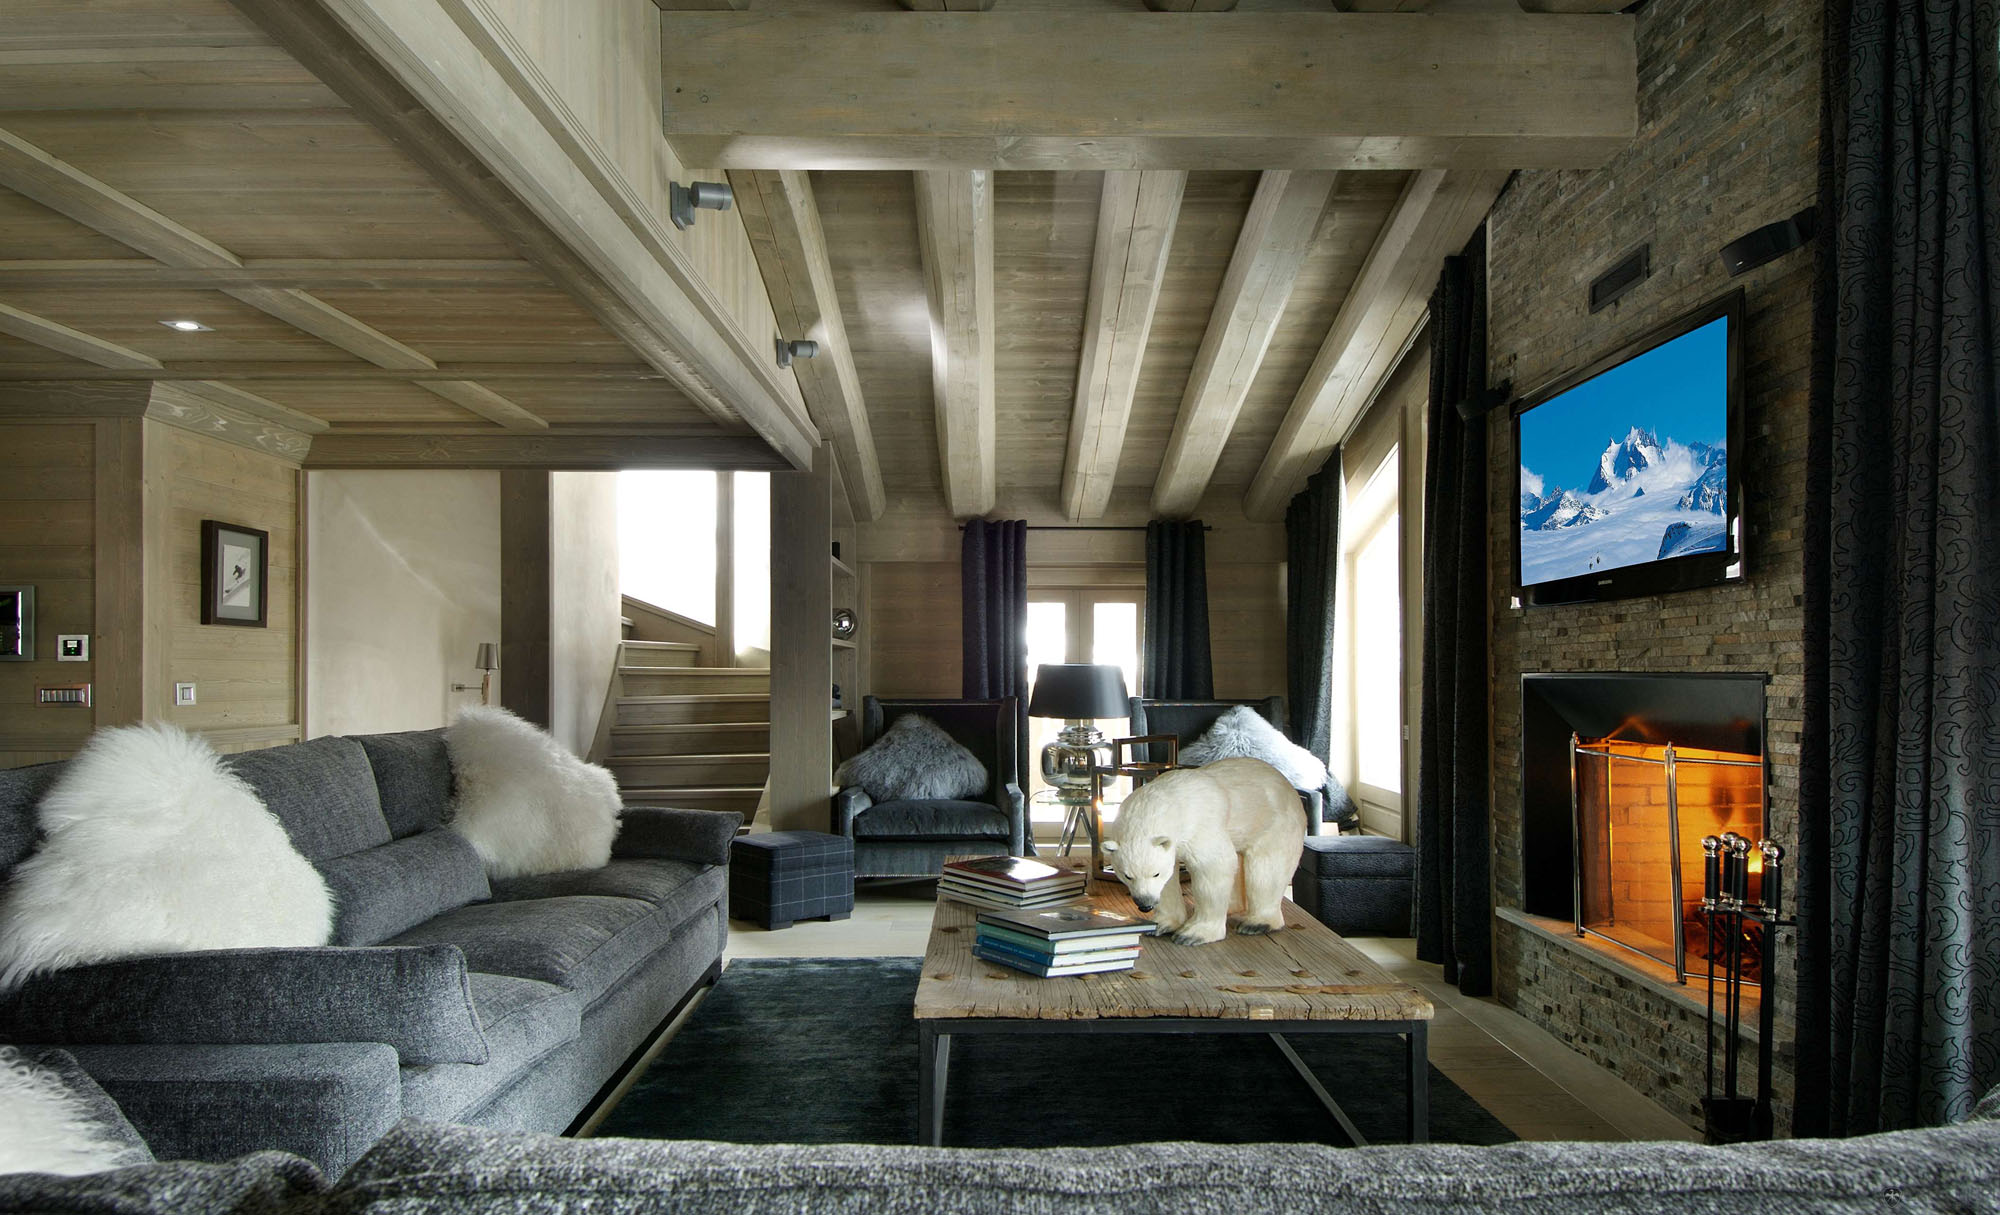 wohnzimmer design bilder:Black Pearl Chalet Interiors